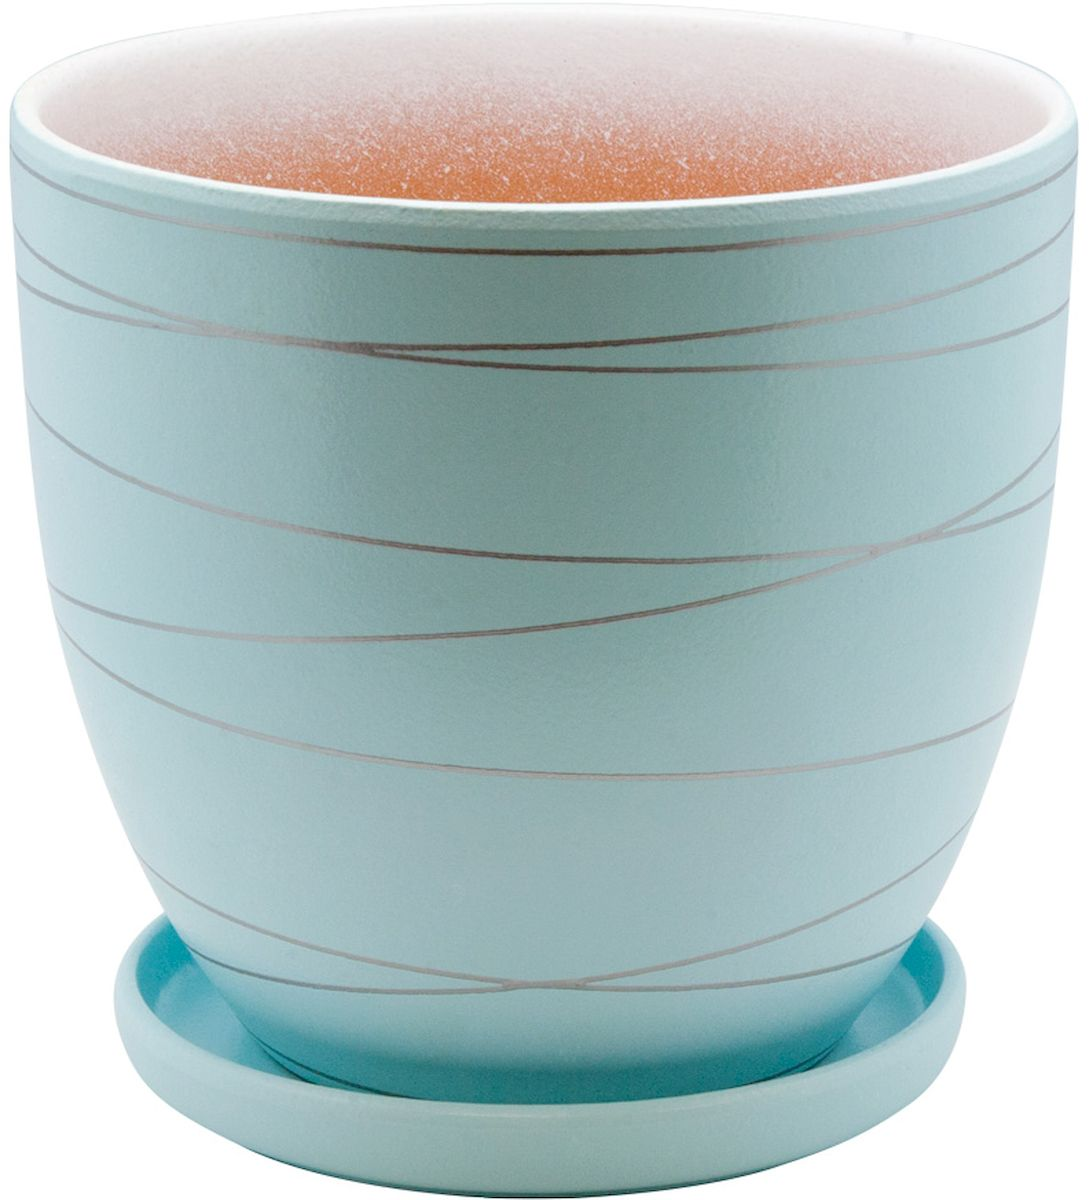 Горшок цветочный Engard, с поддоном, цвет: голубой, 0,5 лBH-24-8Керамический горшок Engard - это идеальное решение для выращивания комнатных растений и создания изысканности в интерьере. Керамический горшок сделан из высококачественной глины в классической форме и оригинальном дизайне.Объем: 0,5 л.